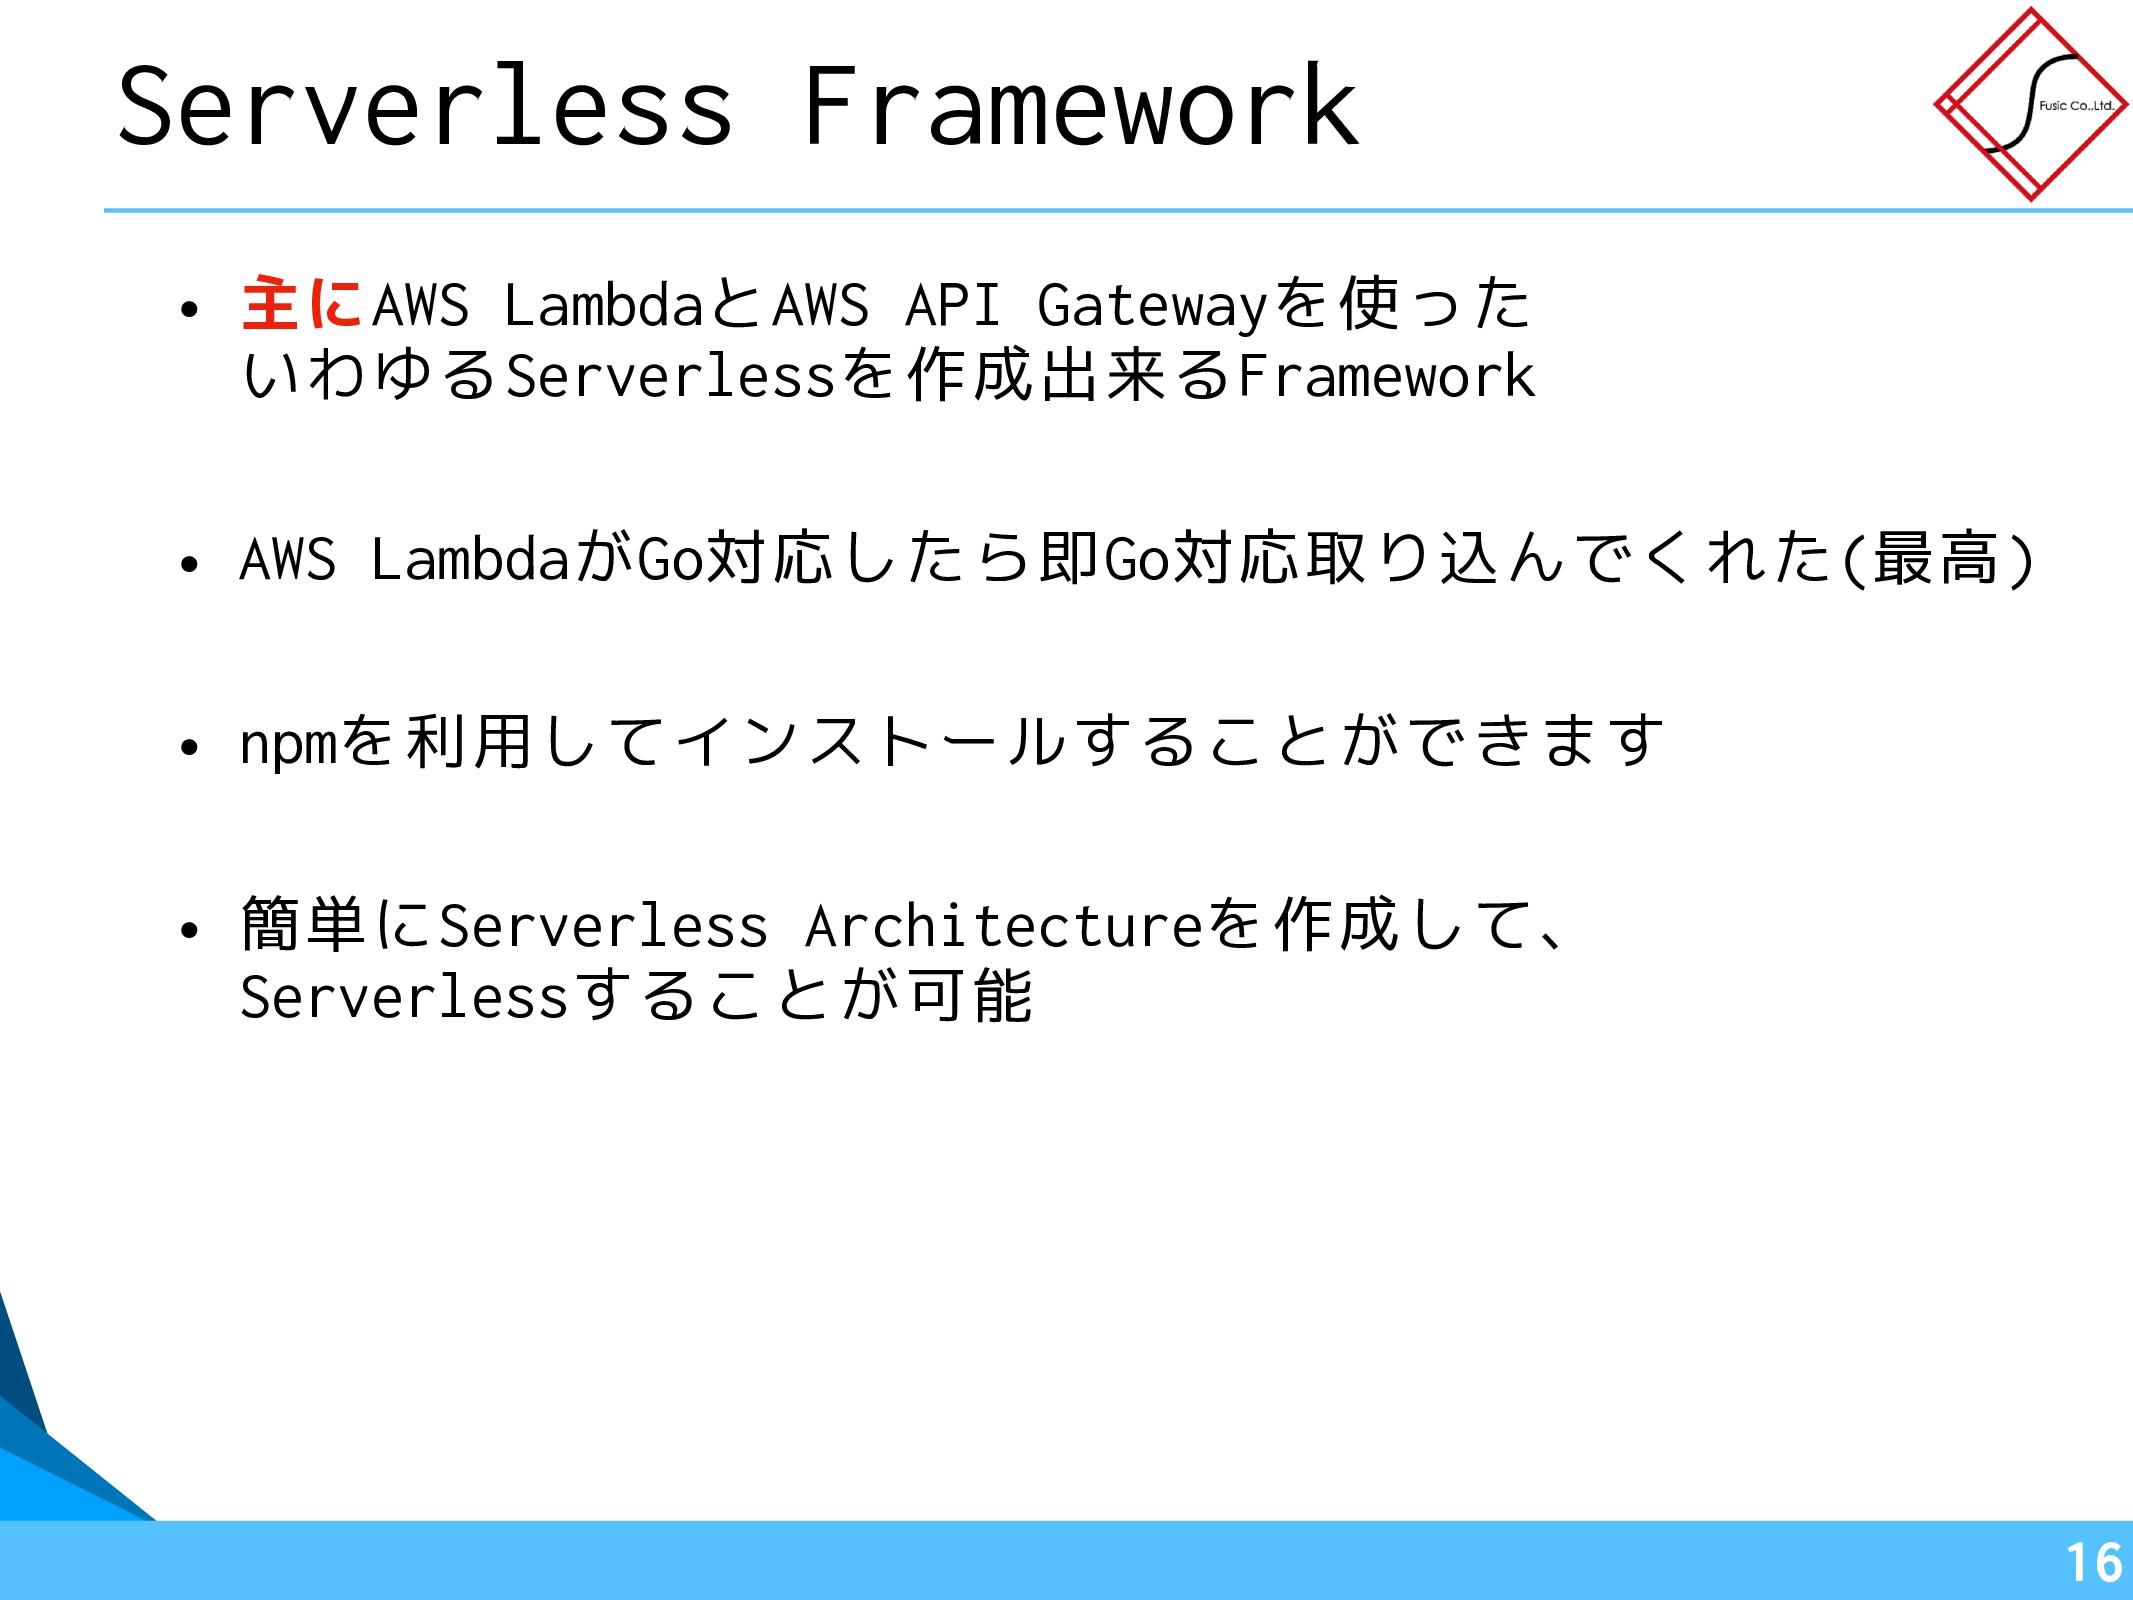 • 主にAWS LambdaとAWS API Gatewayを使った いわゆるServerl...